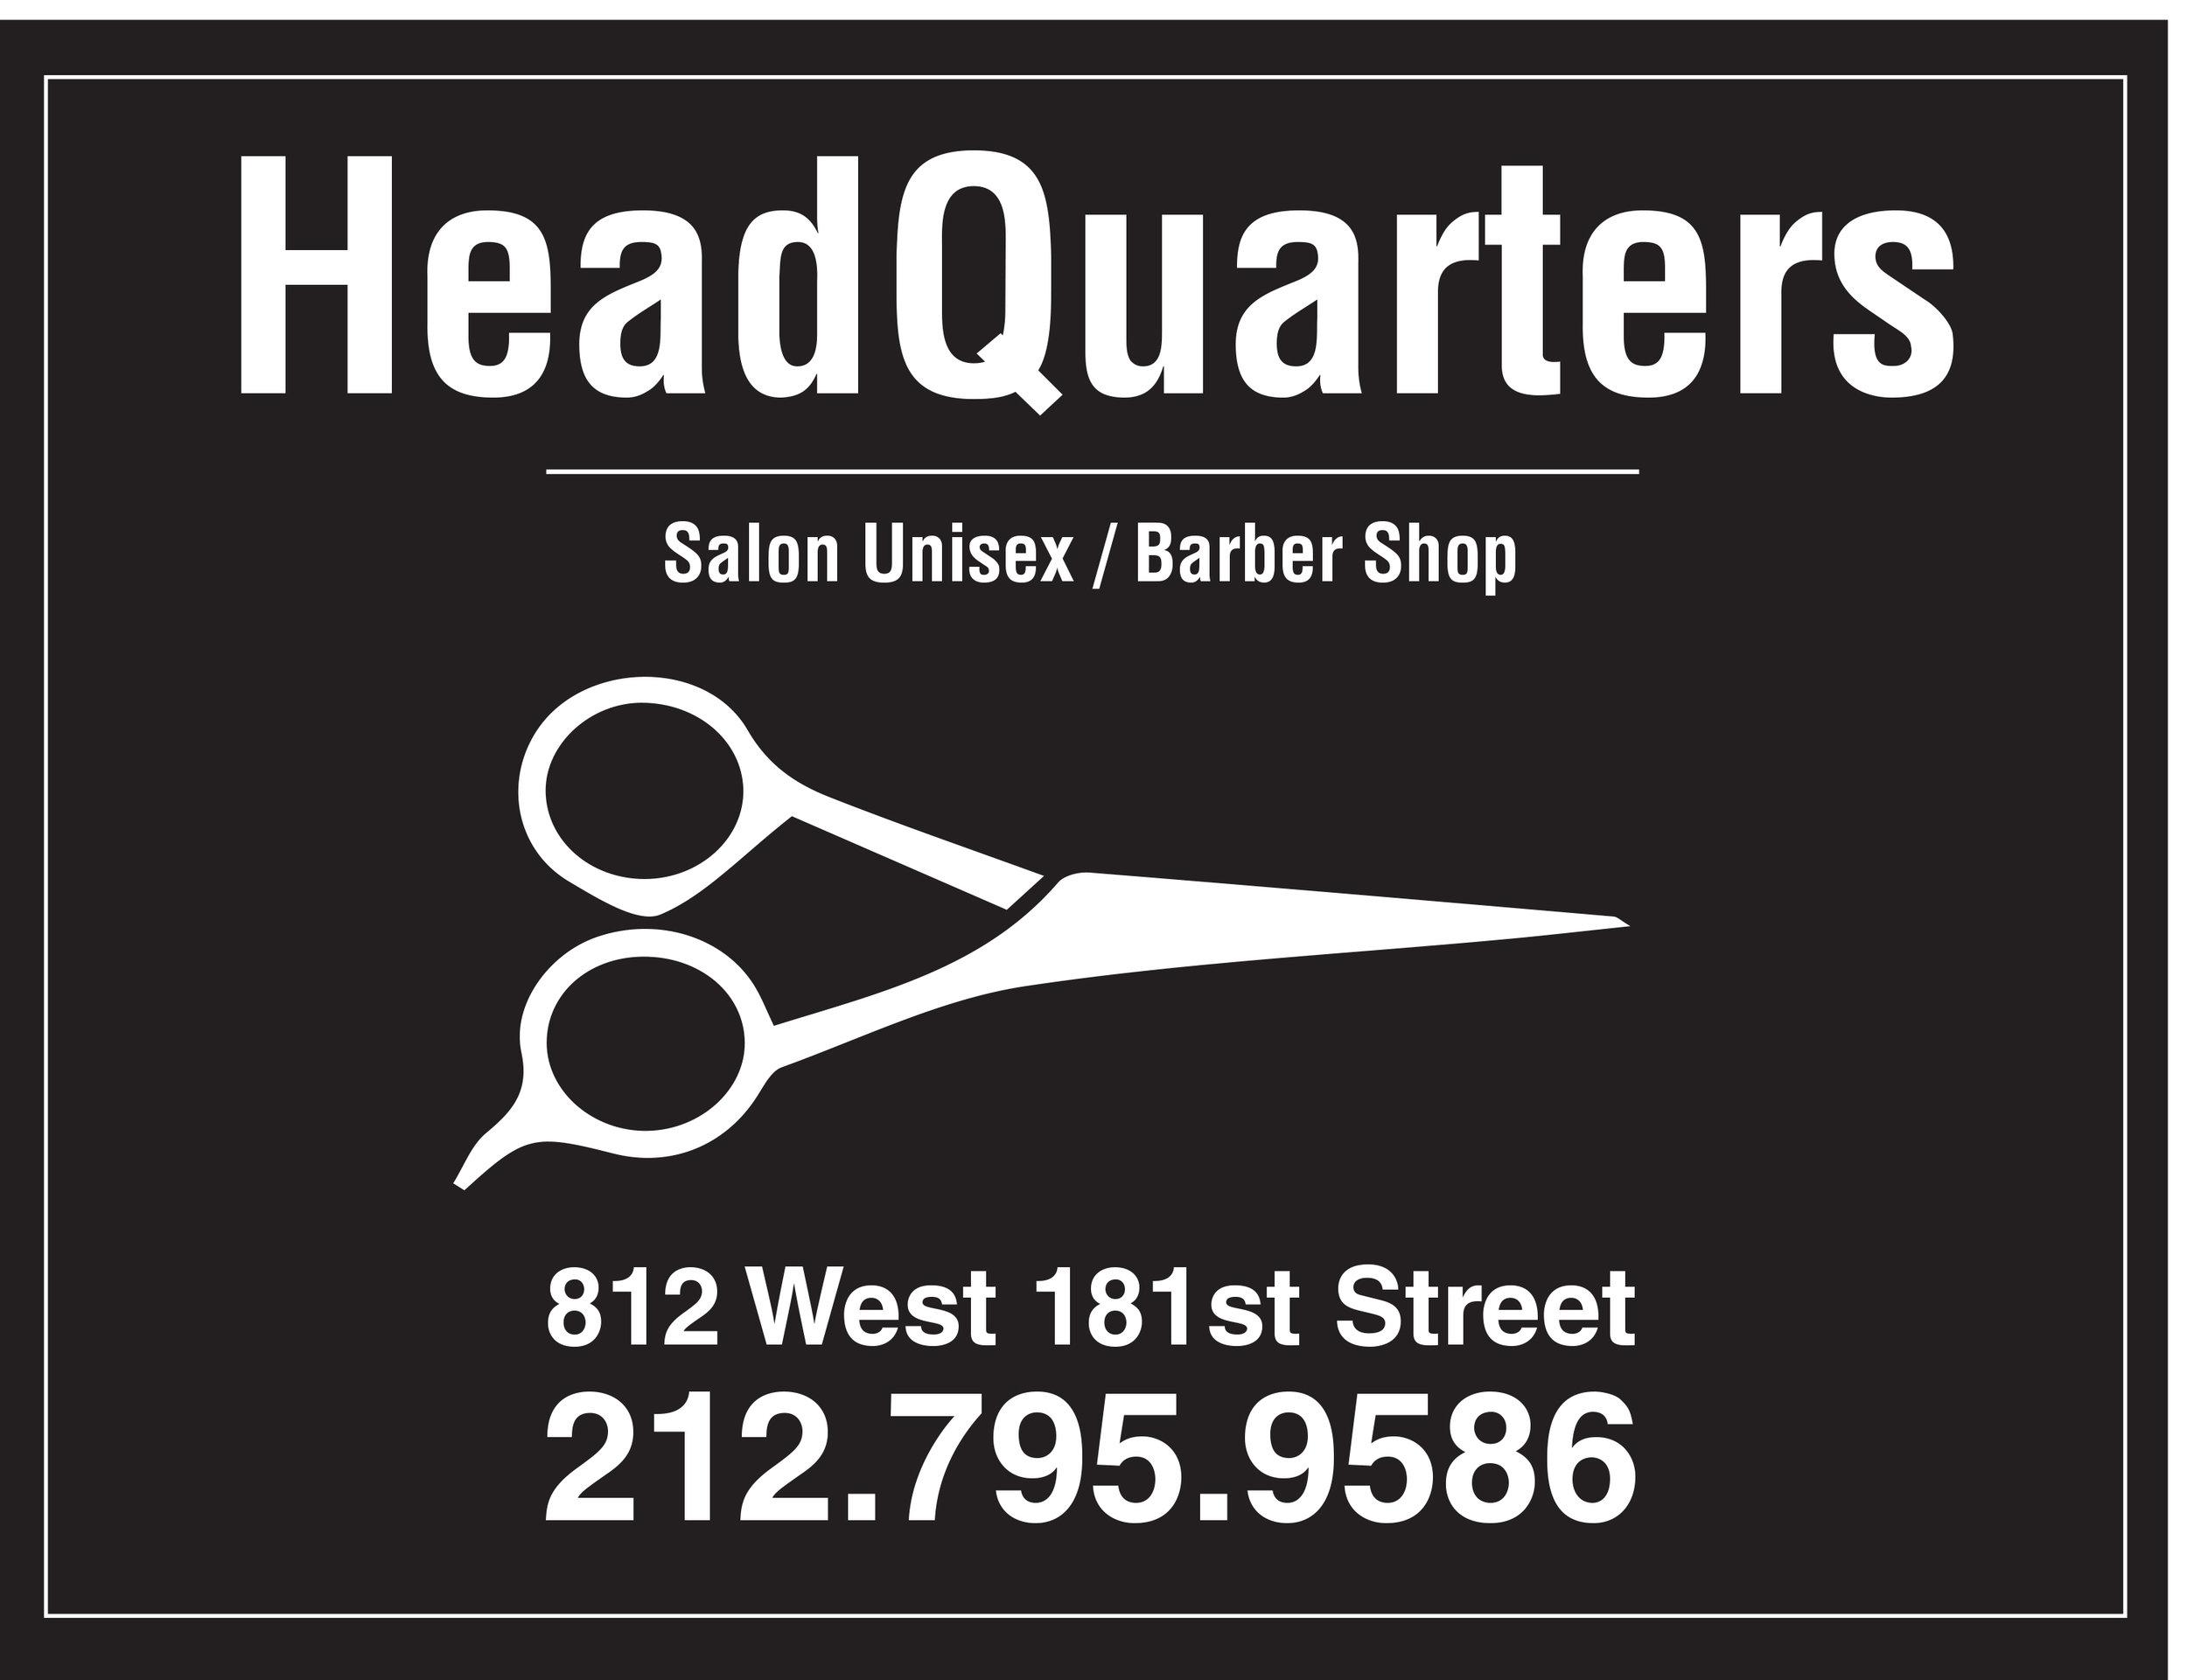 Head Quarters: Barber Shop & Salon